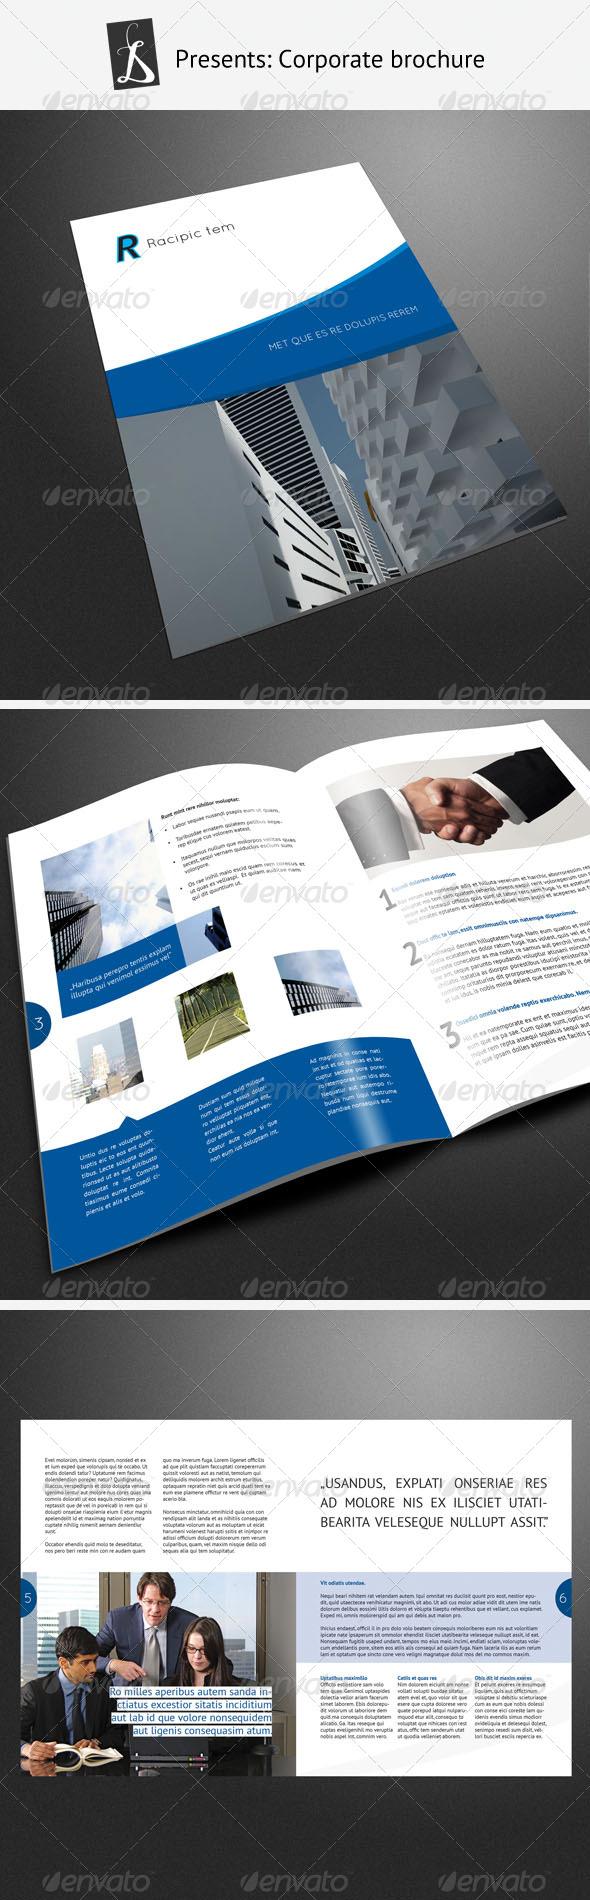 Corporate Brochure 4 - Corporate Brochures